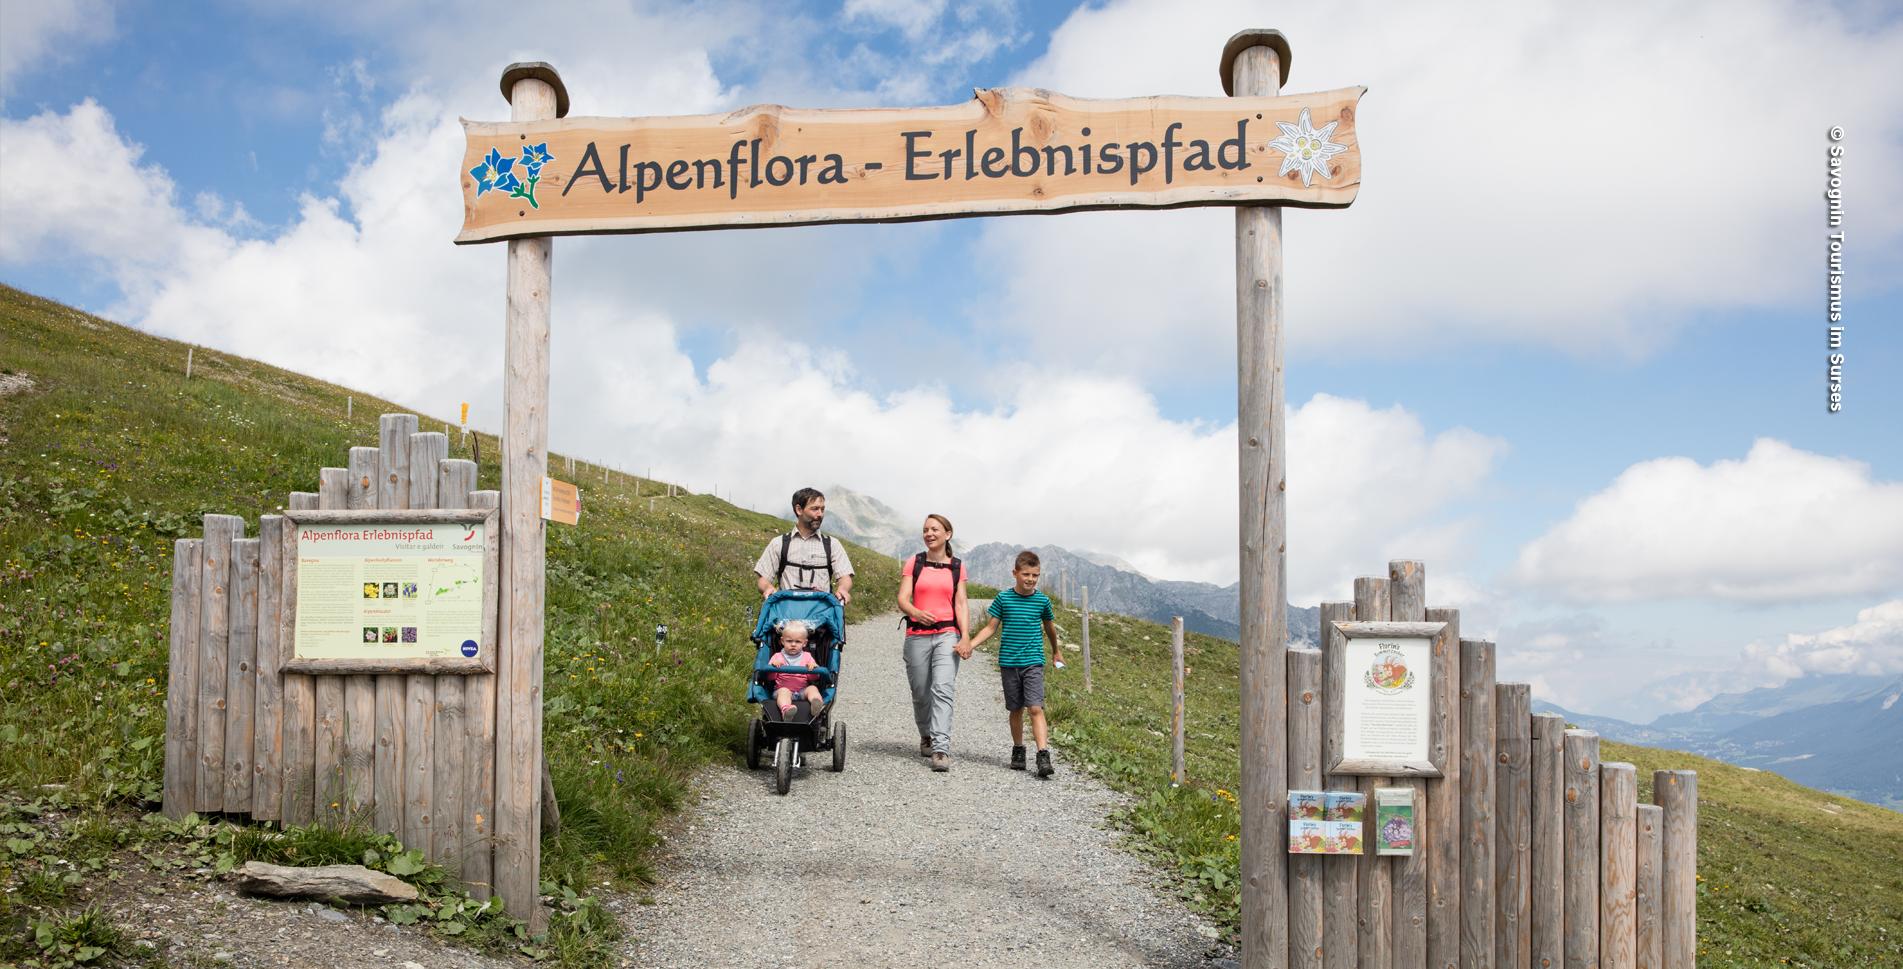 Wanderung auf dem Alpenflora-Erlebnispfad, oberhalb Savognin, von Somtgant via Mot Laritg, Lai Lung, Plaz Fravesch nach Tigignas